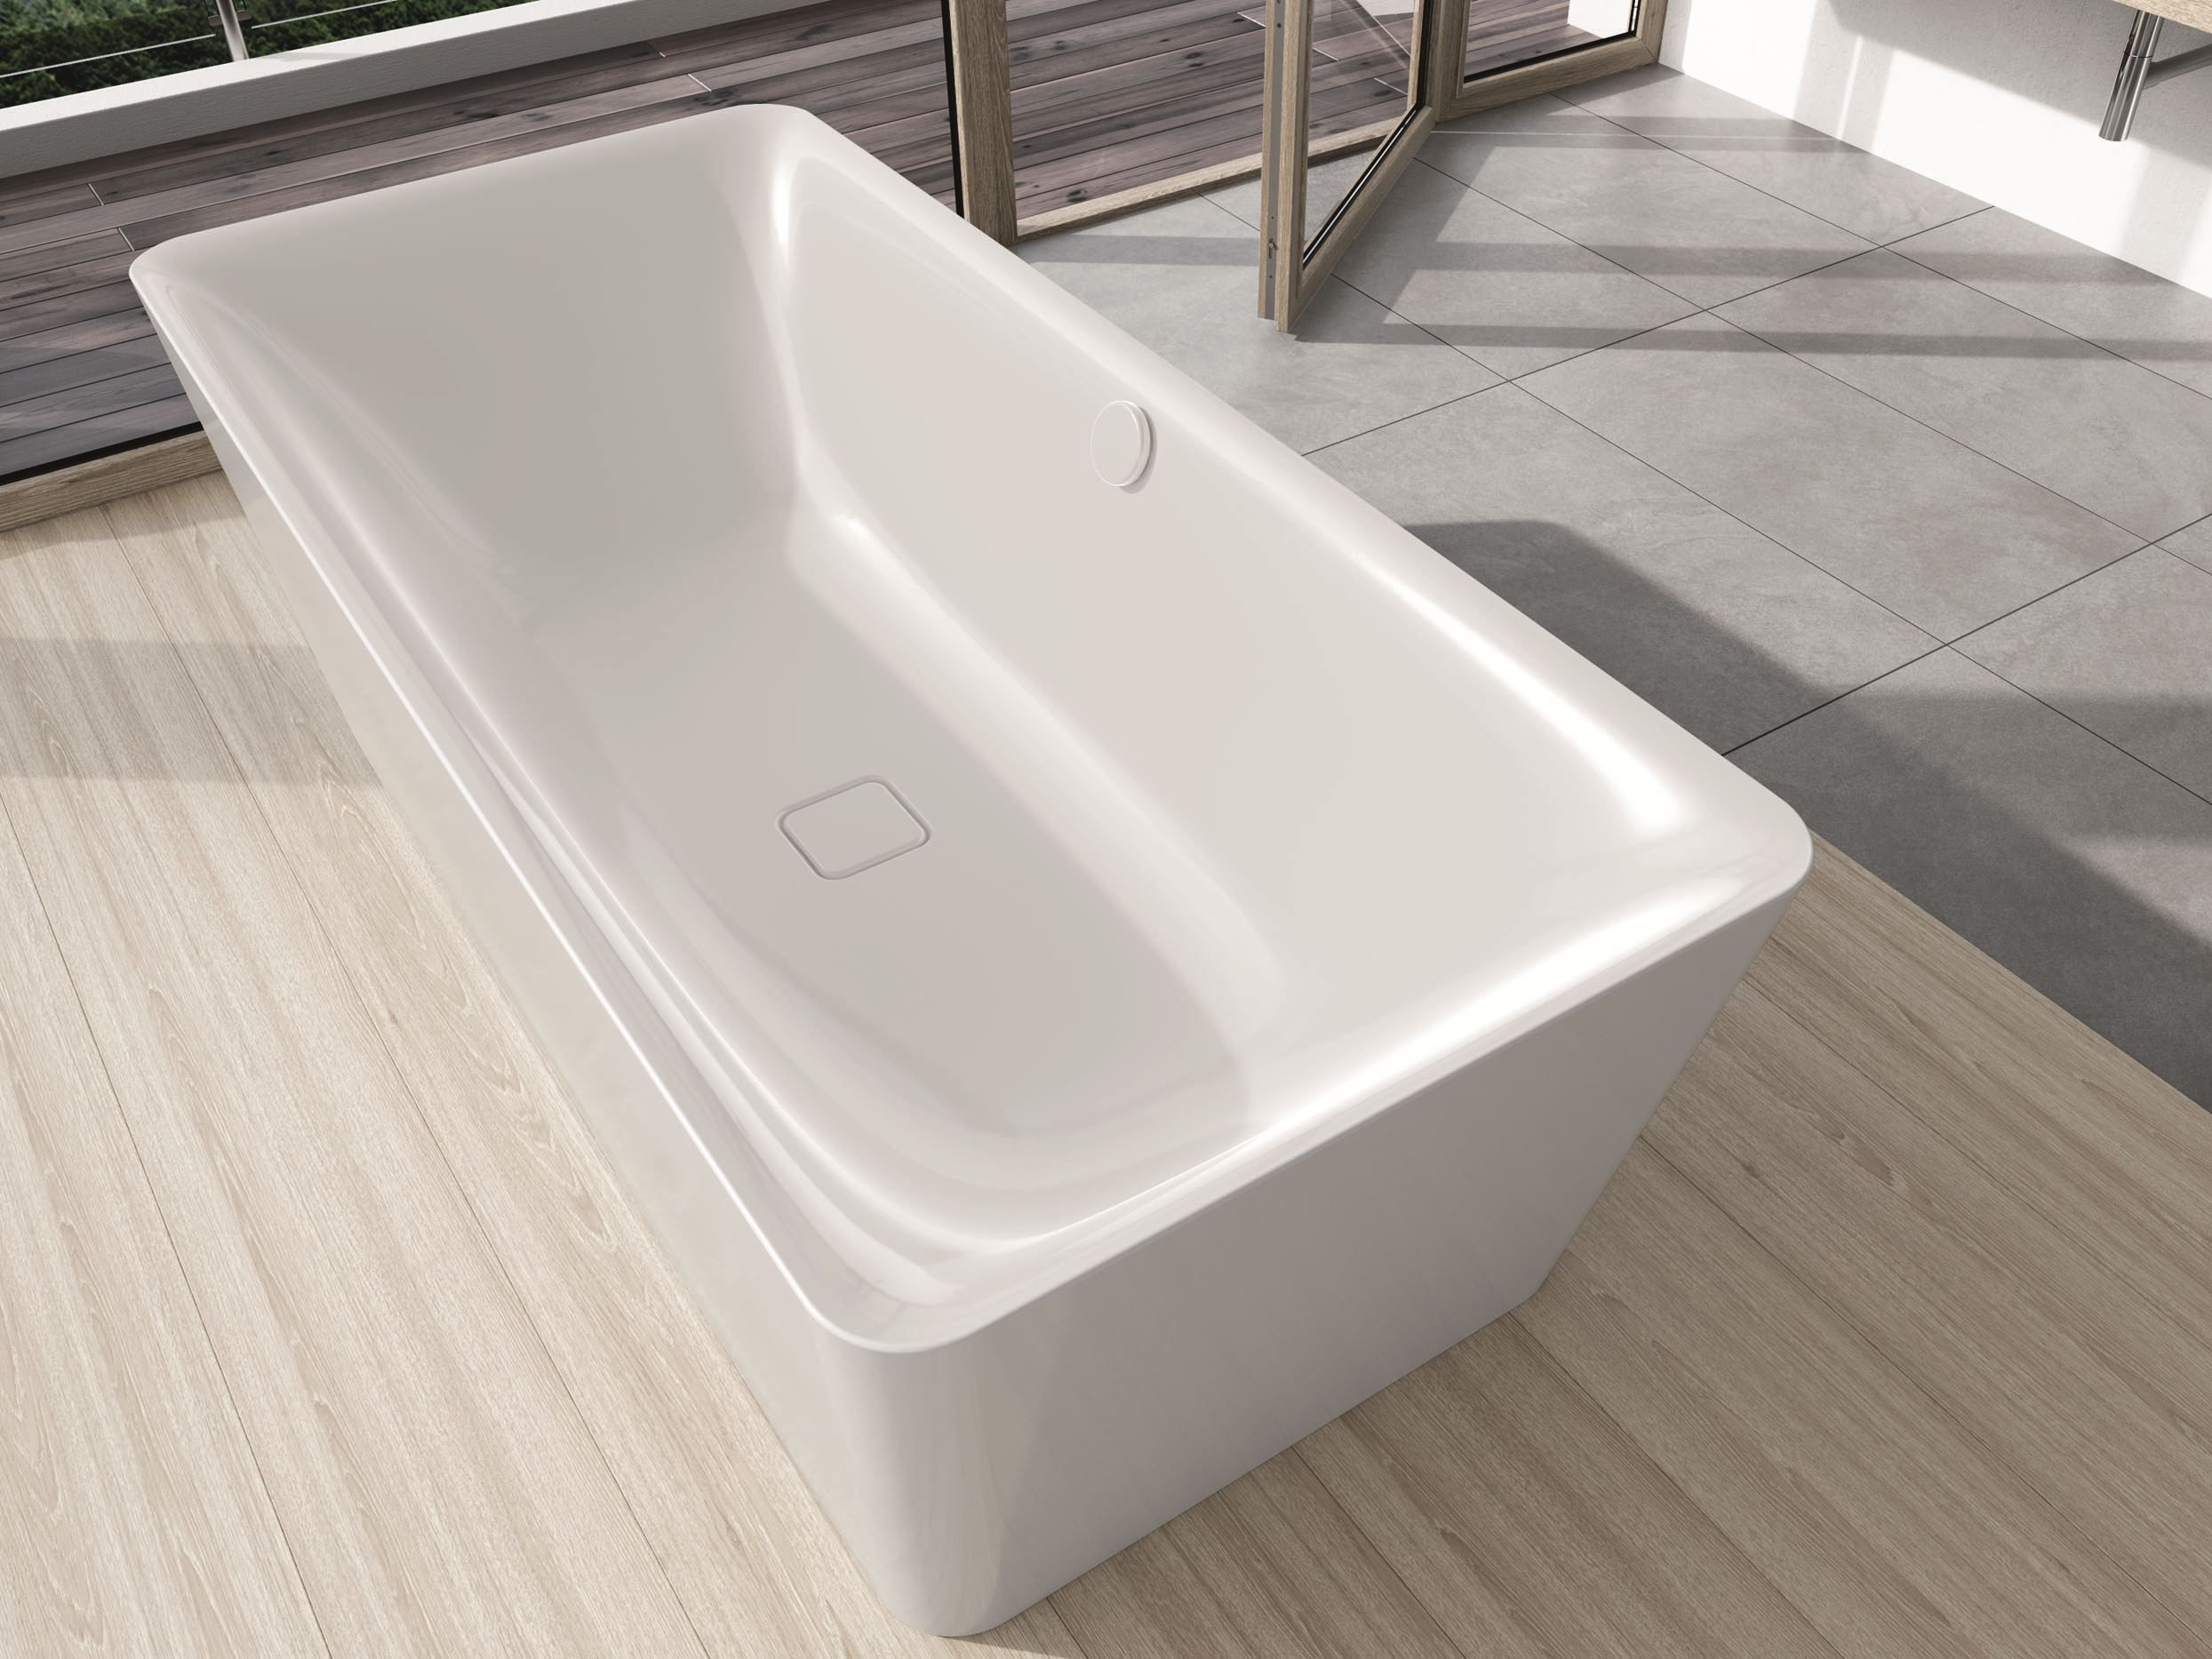 Vasca Da Bagno Hoesch : Vasca da bagno centro stanza in acciaio smaltato meisterstÜck incava